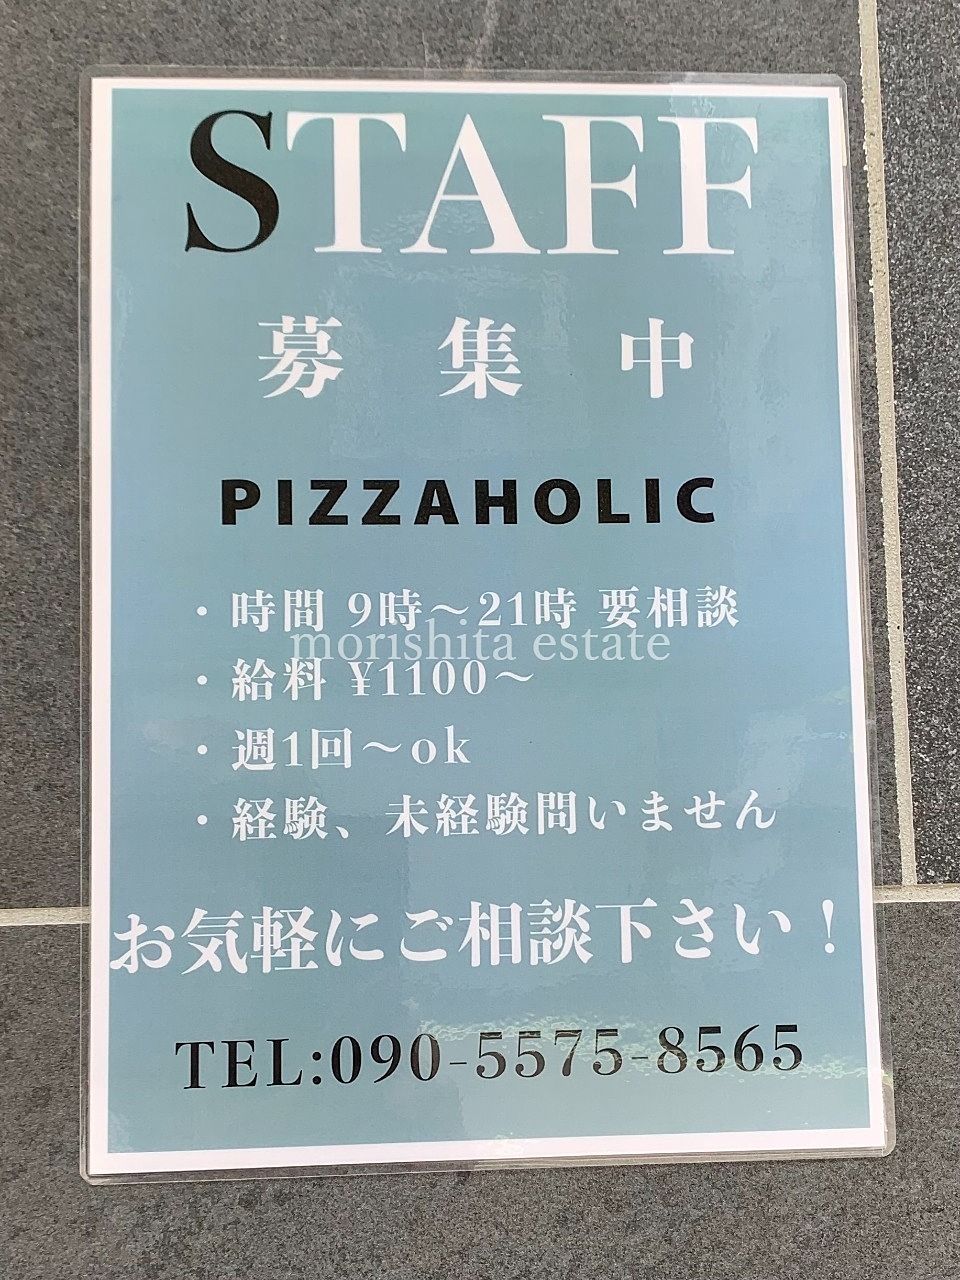 菊川 立川 PIZZAHORIC ピザホリック スタッフ募集 写真